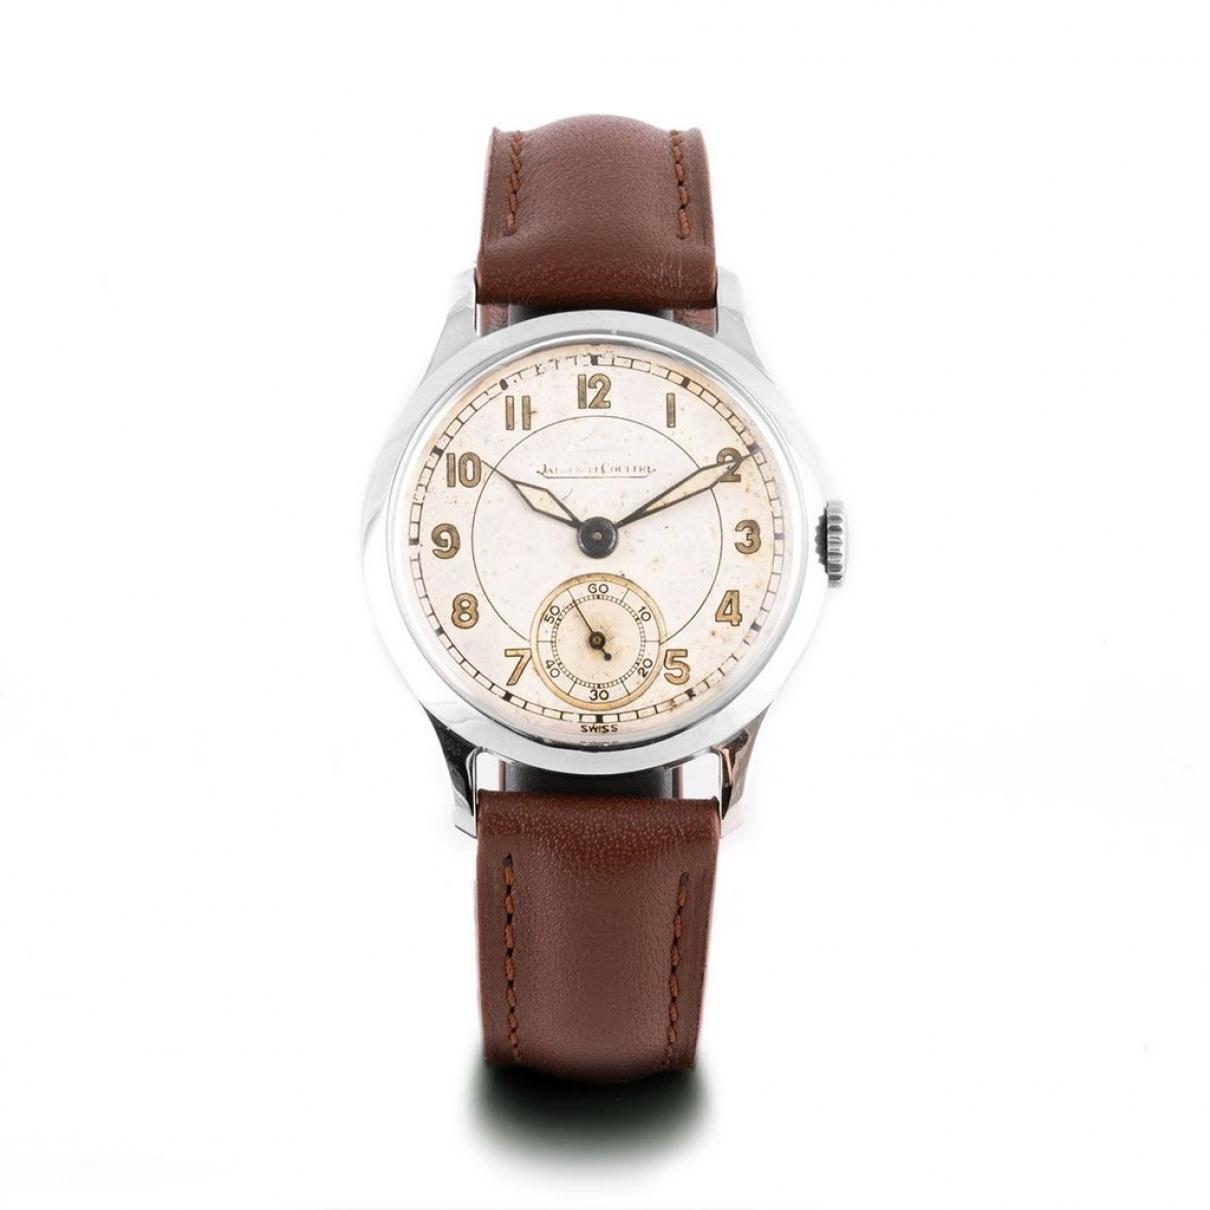 Jaeger-lecoultre Vintage Uhr in  Beige Stahl